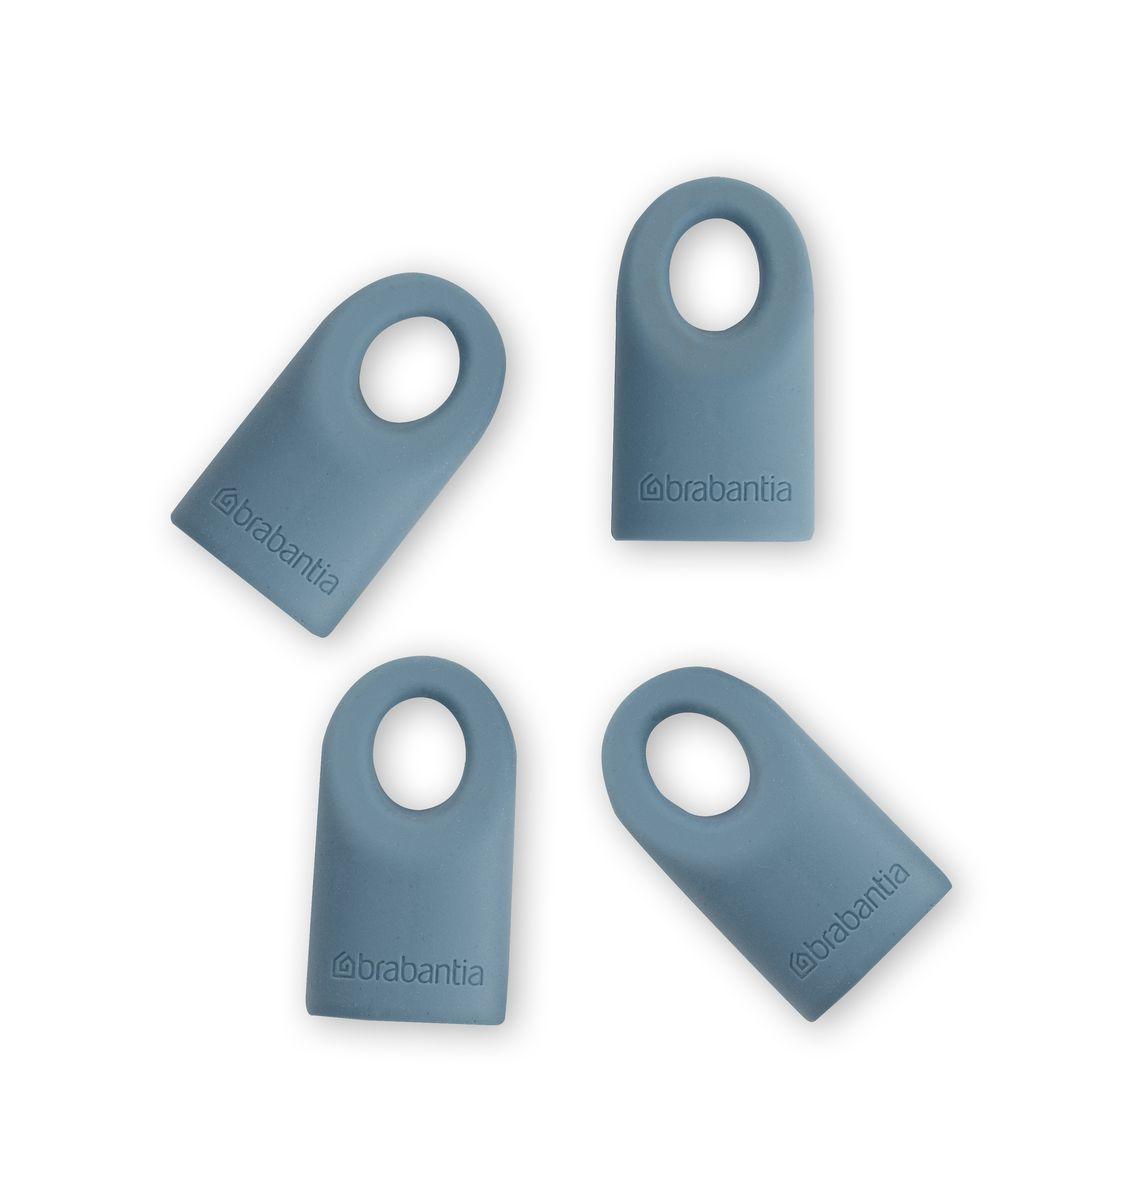 Силиконовые колпачки Brabantia Accent, цвет: голубой, 4 штFA-5125 WhiteСиликоновые колпачки Brabantia Accent предназначены для кухонных принадлежностей линии Accent. Просто наденьте колпачок на нужную кухонную принадлежность. Используя съемные колпачки разных цветов, вы можете создавать свой оригинальный стиль. Колпачки оснащены специальными отверстиями для крючков.Длина колпачка: 4 см.